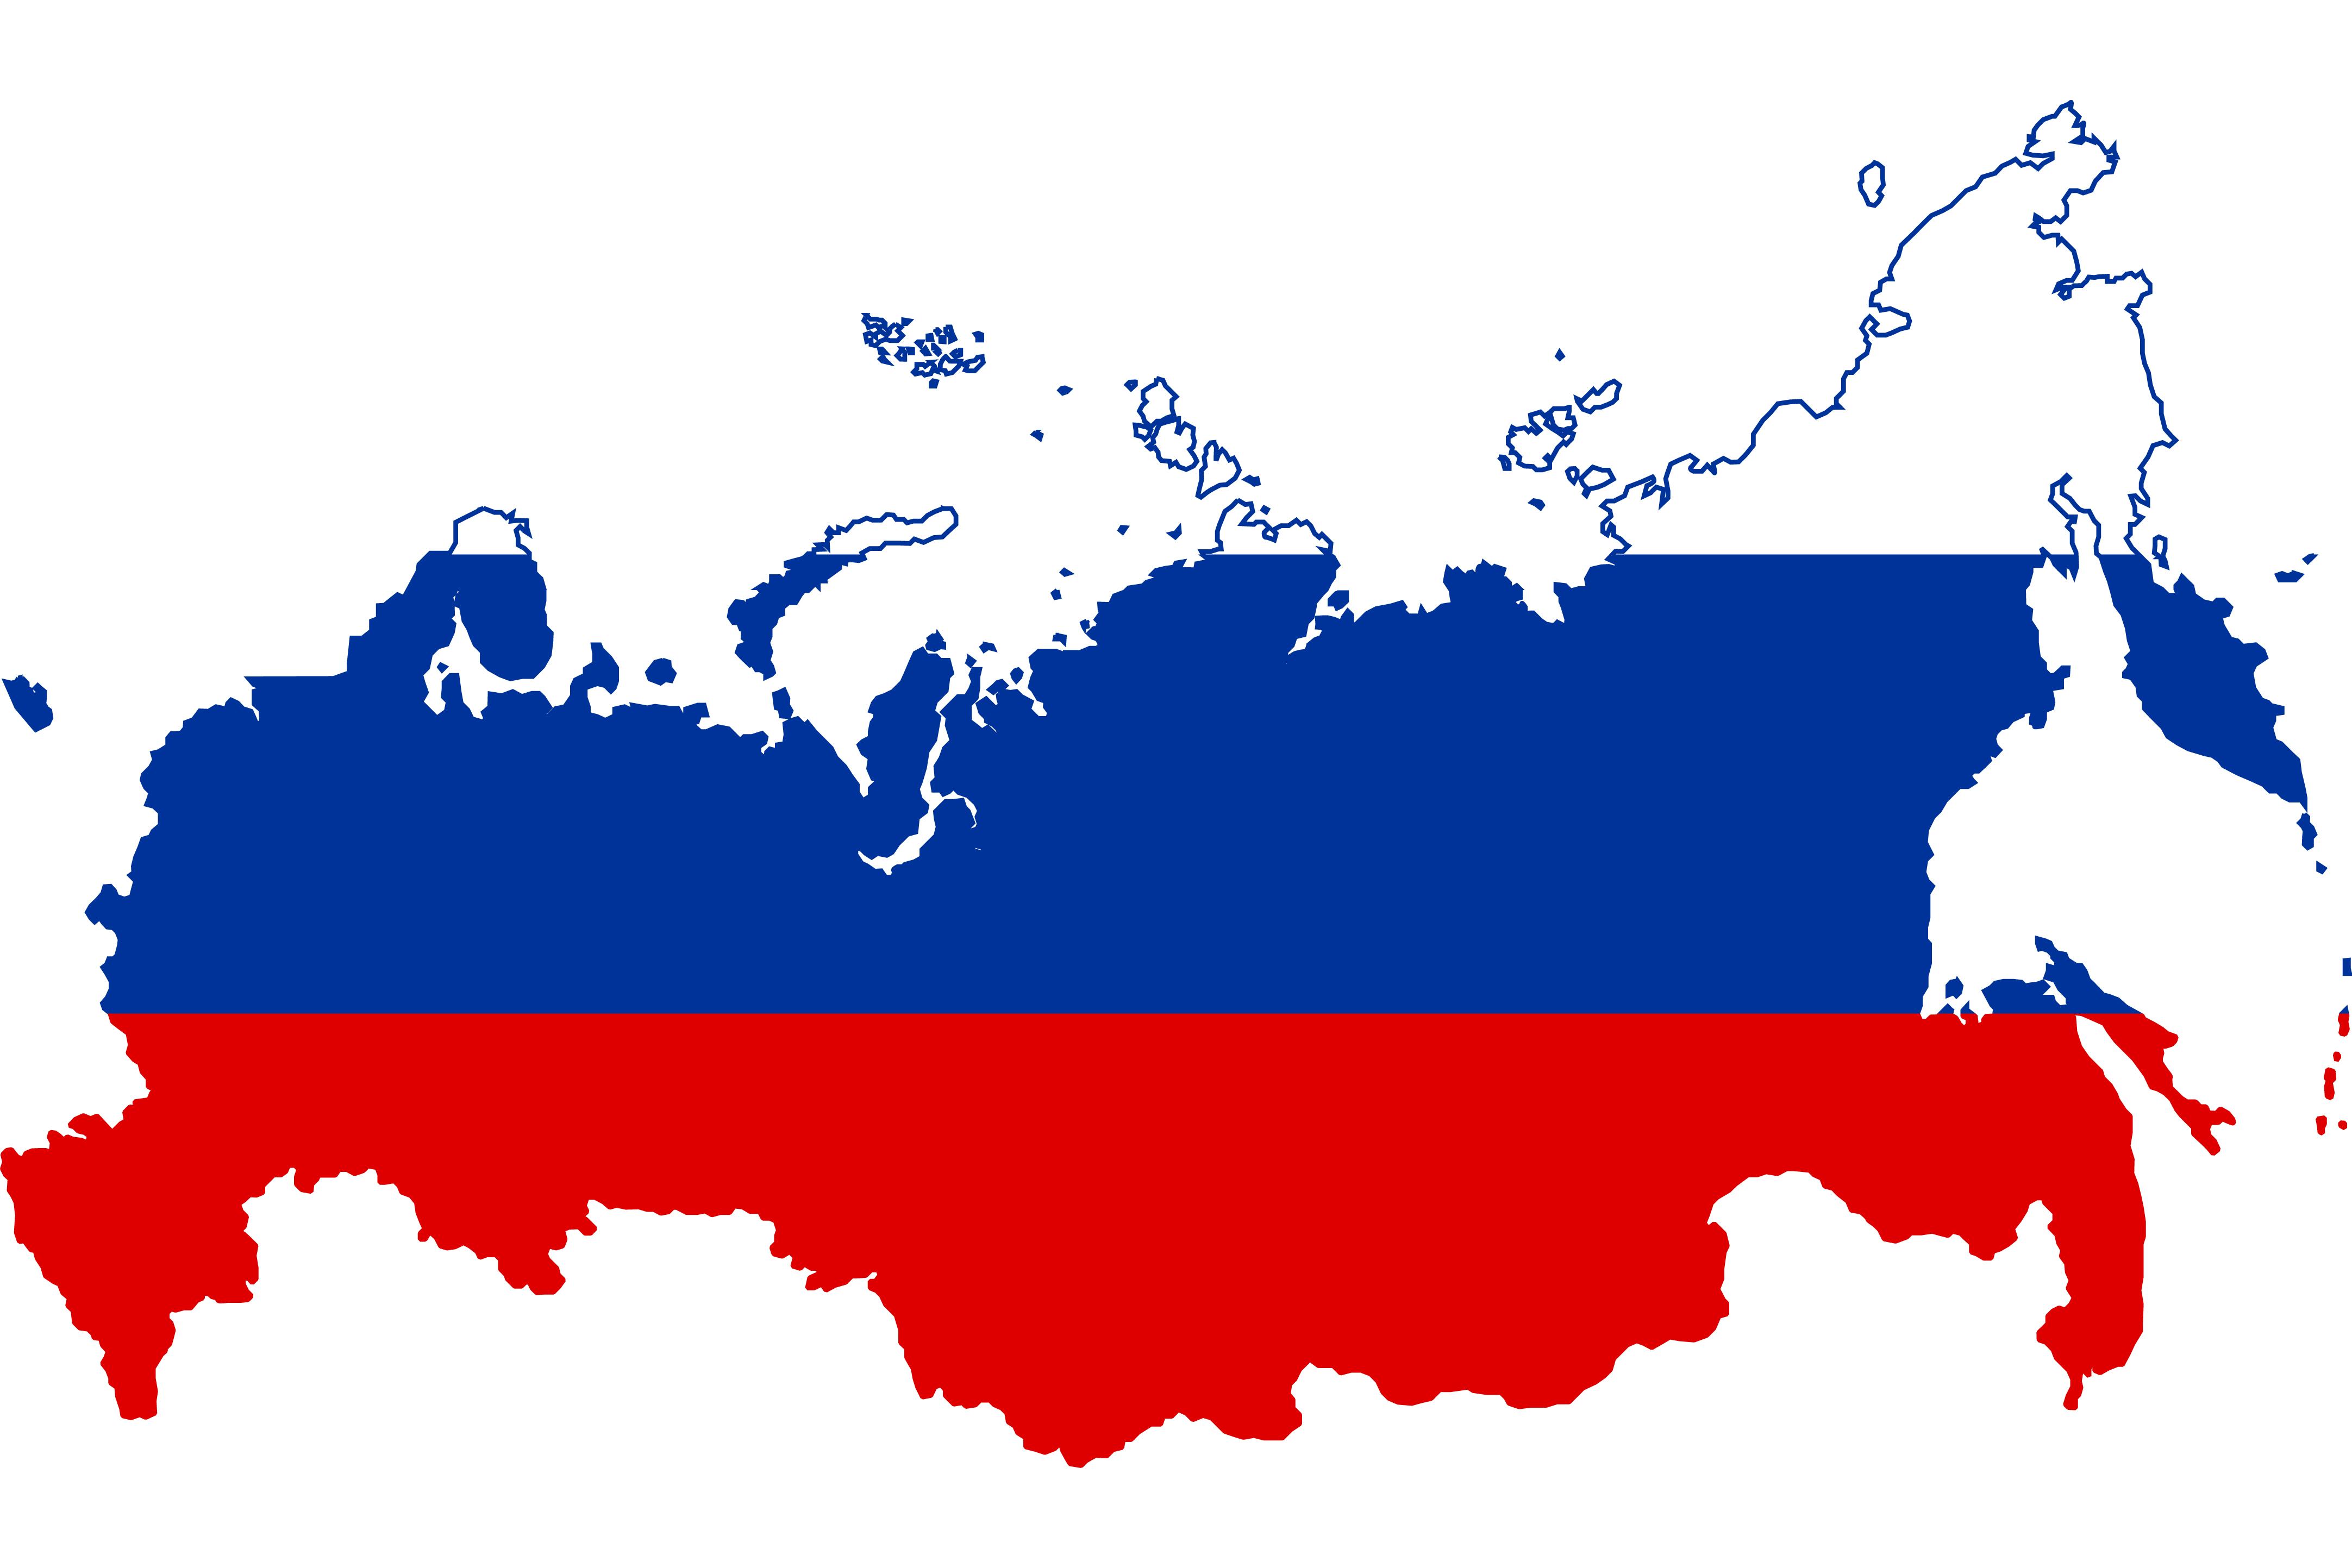 توافق روسیه و نروژ برای توسعه یک میدان نفتی در قطب شمال